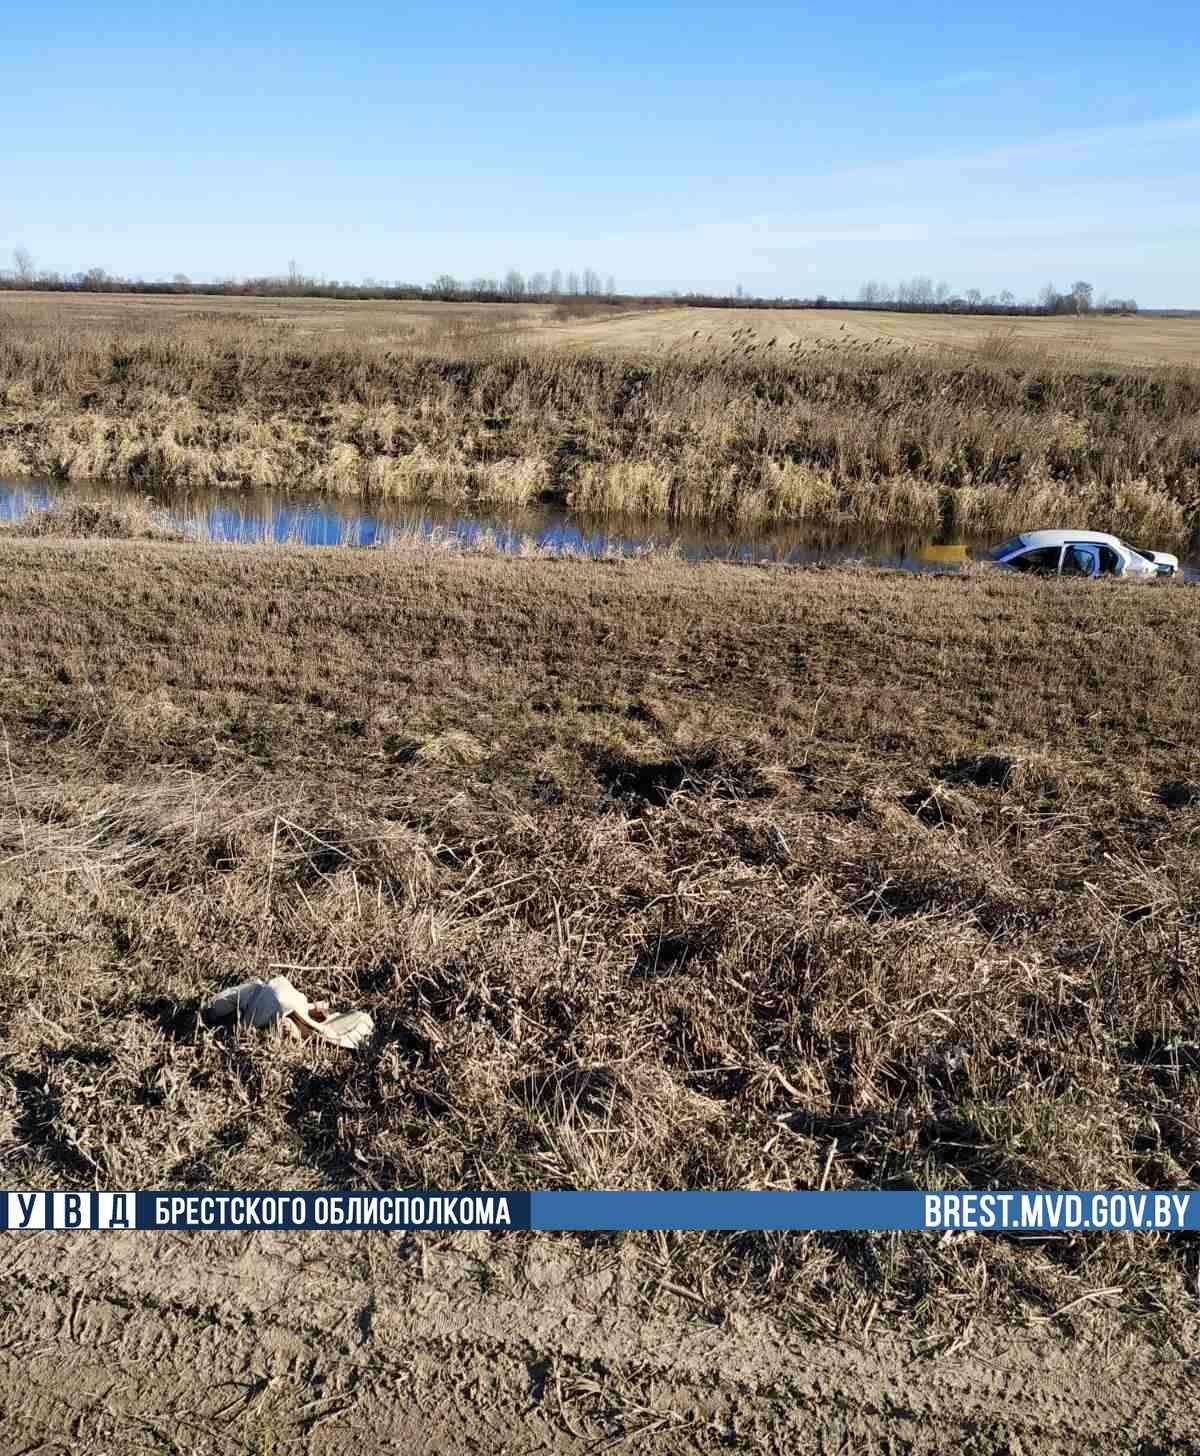 В Ивацевичском районе автомобиль опрокинулся в мелиоративный канал